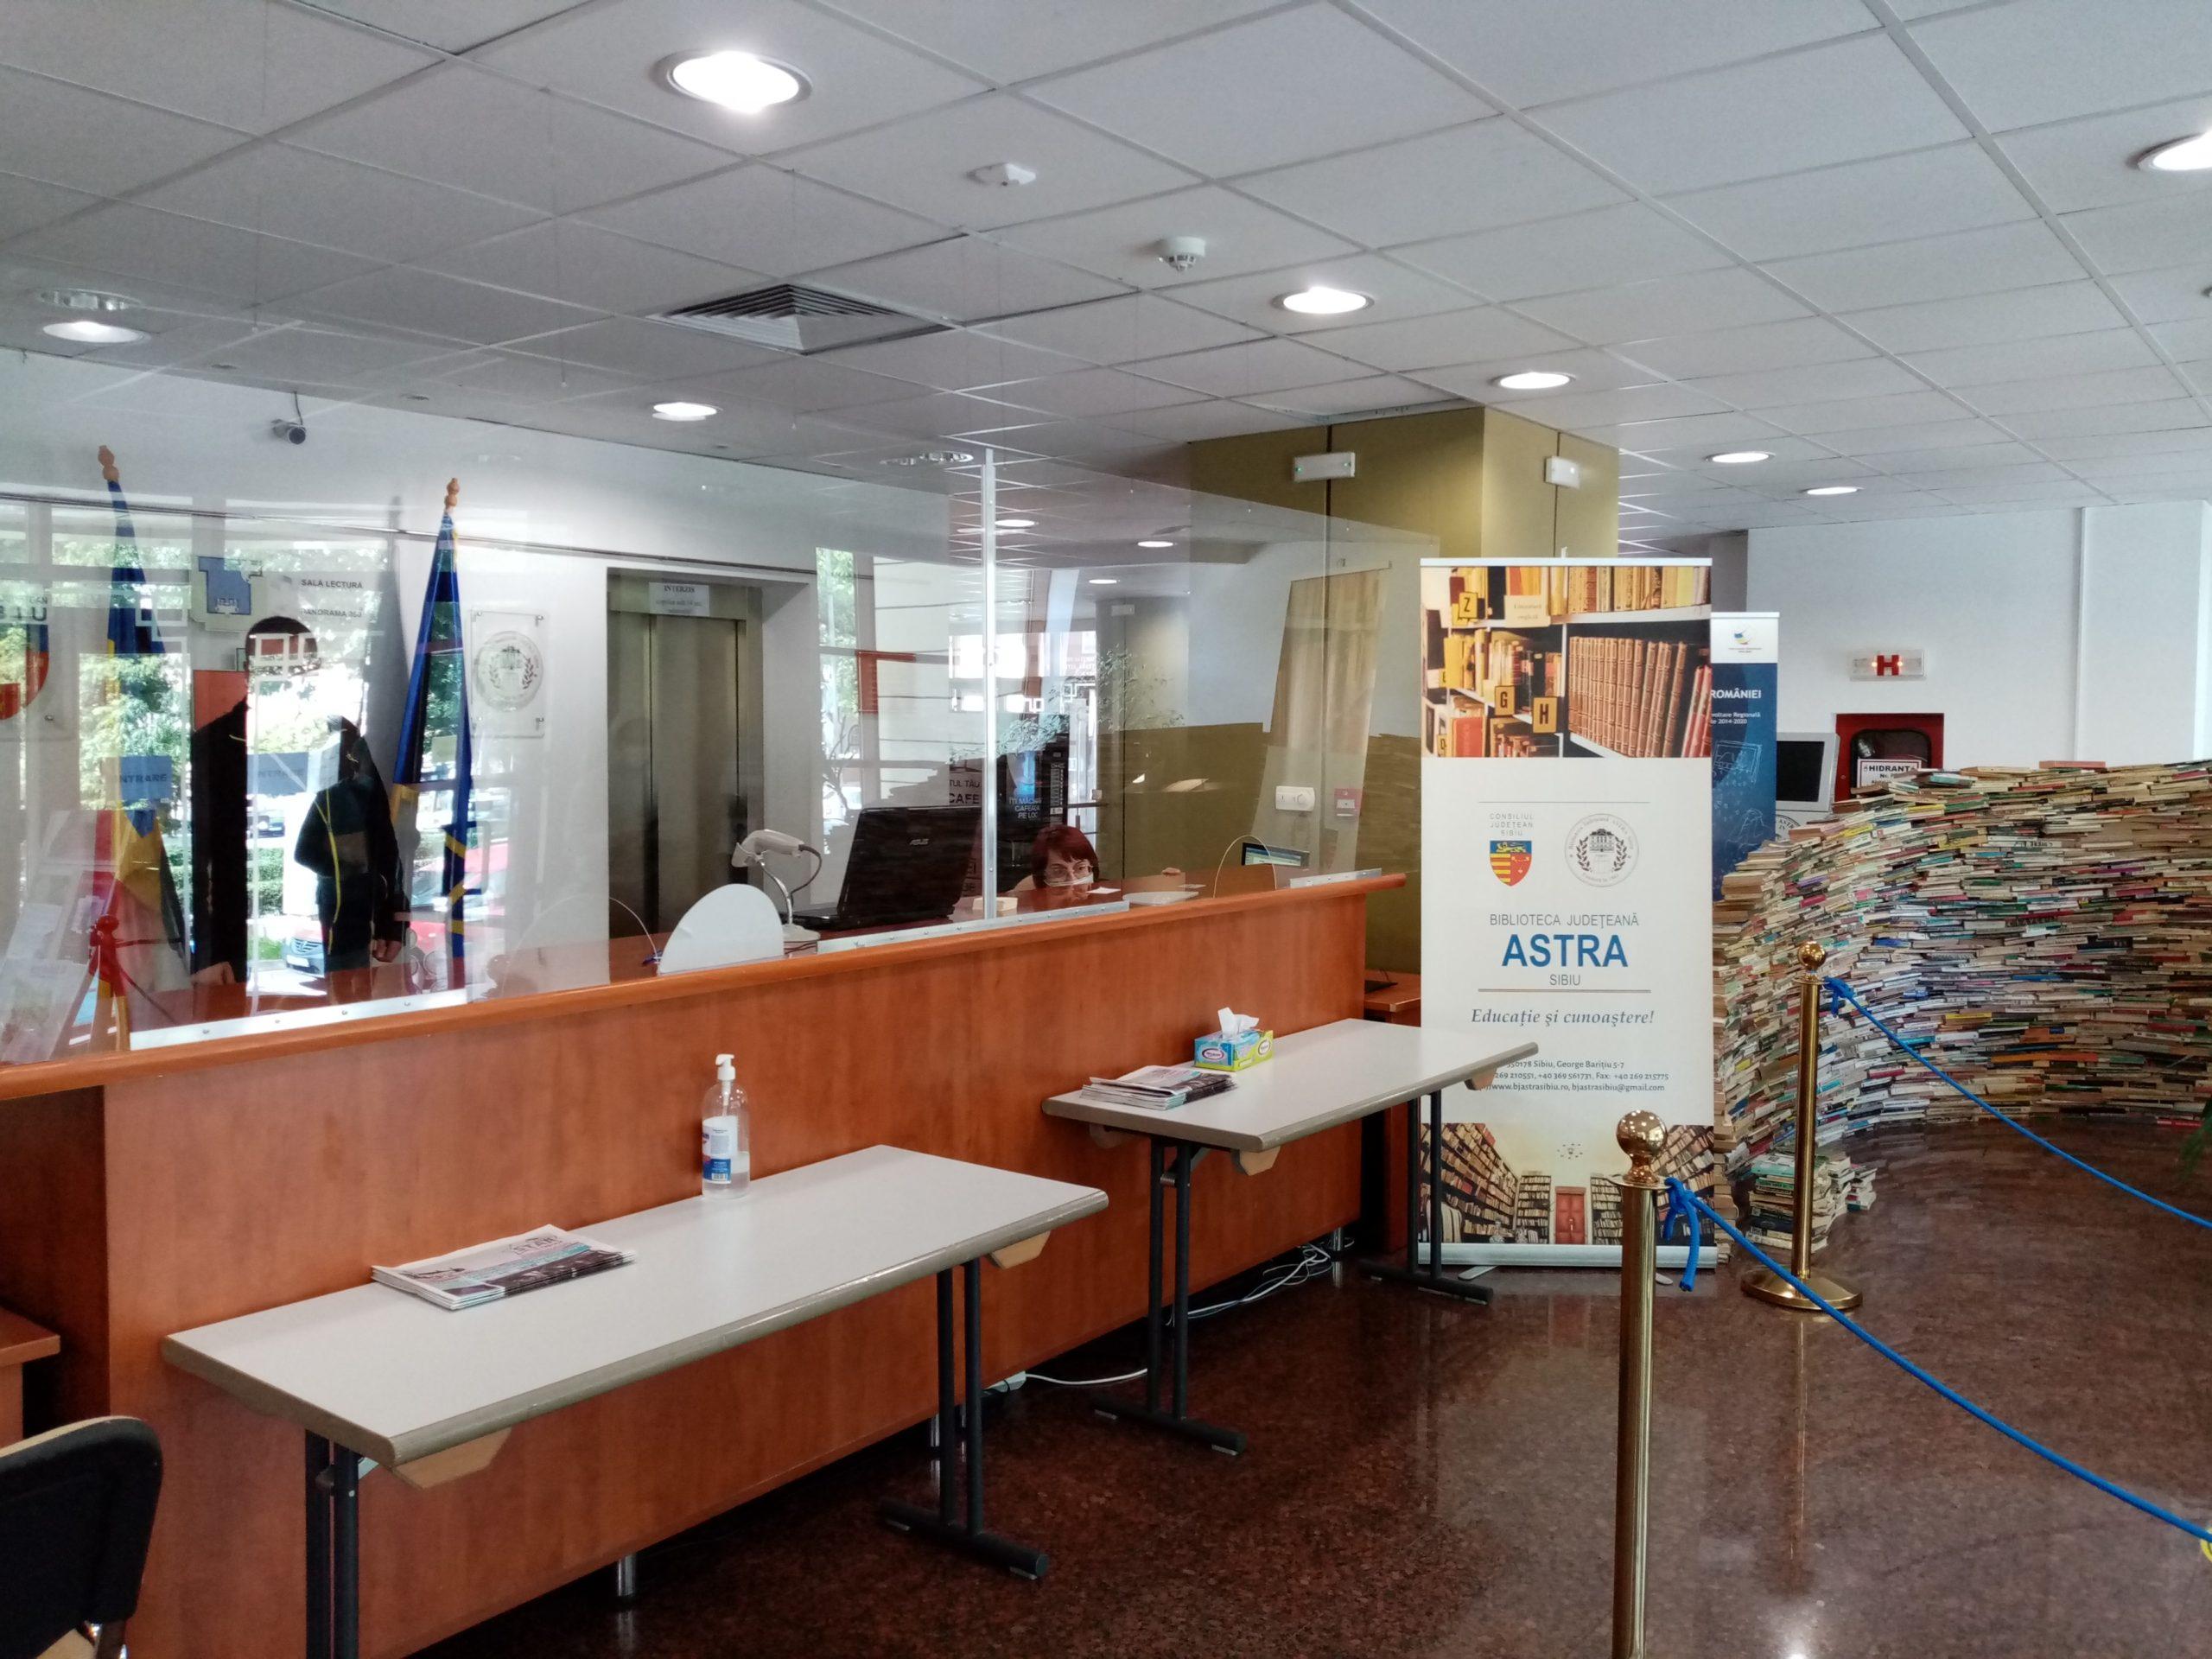 Biblioteca ASTRA Sibiu își păstrează măsurile de siguranță pentru public și angajați